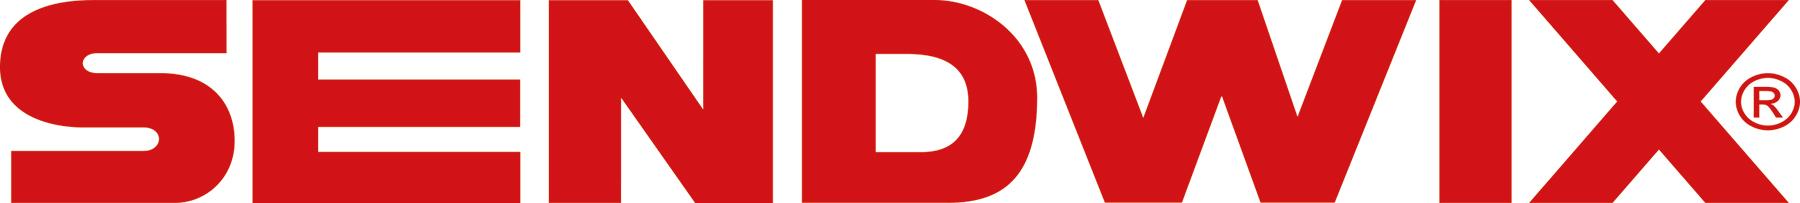 Sendwix logo